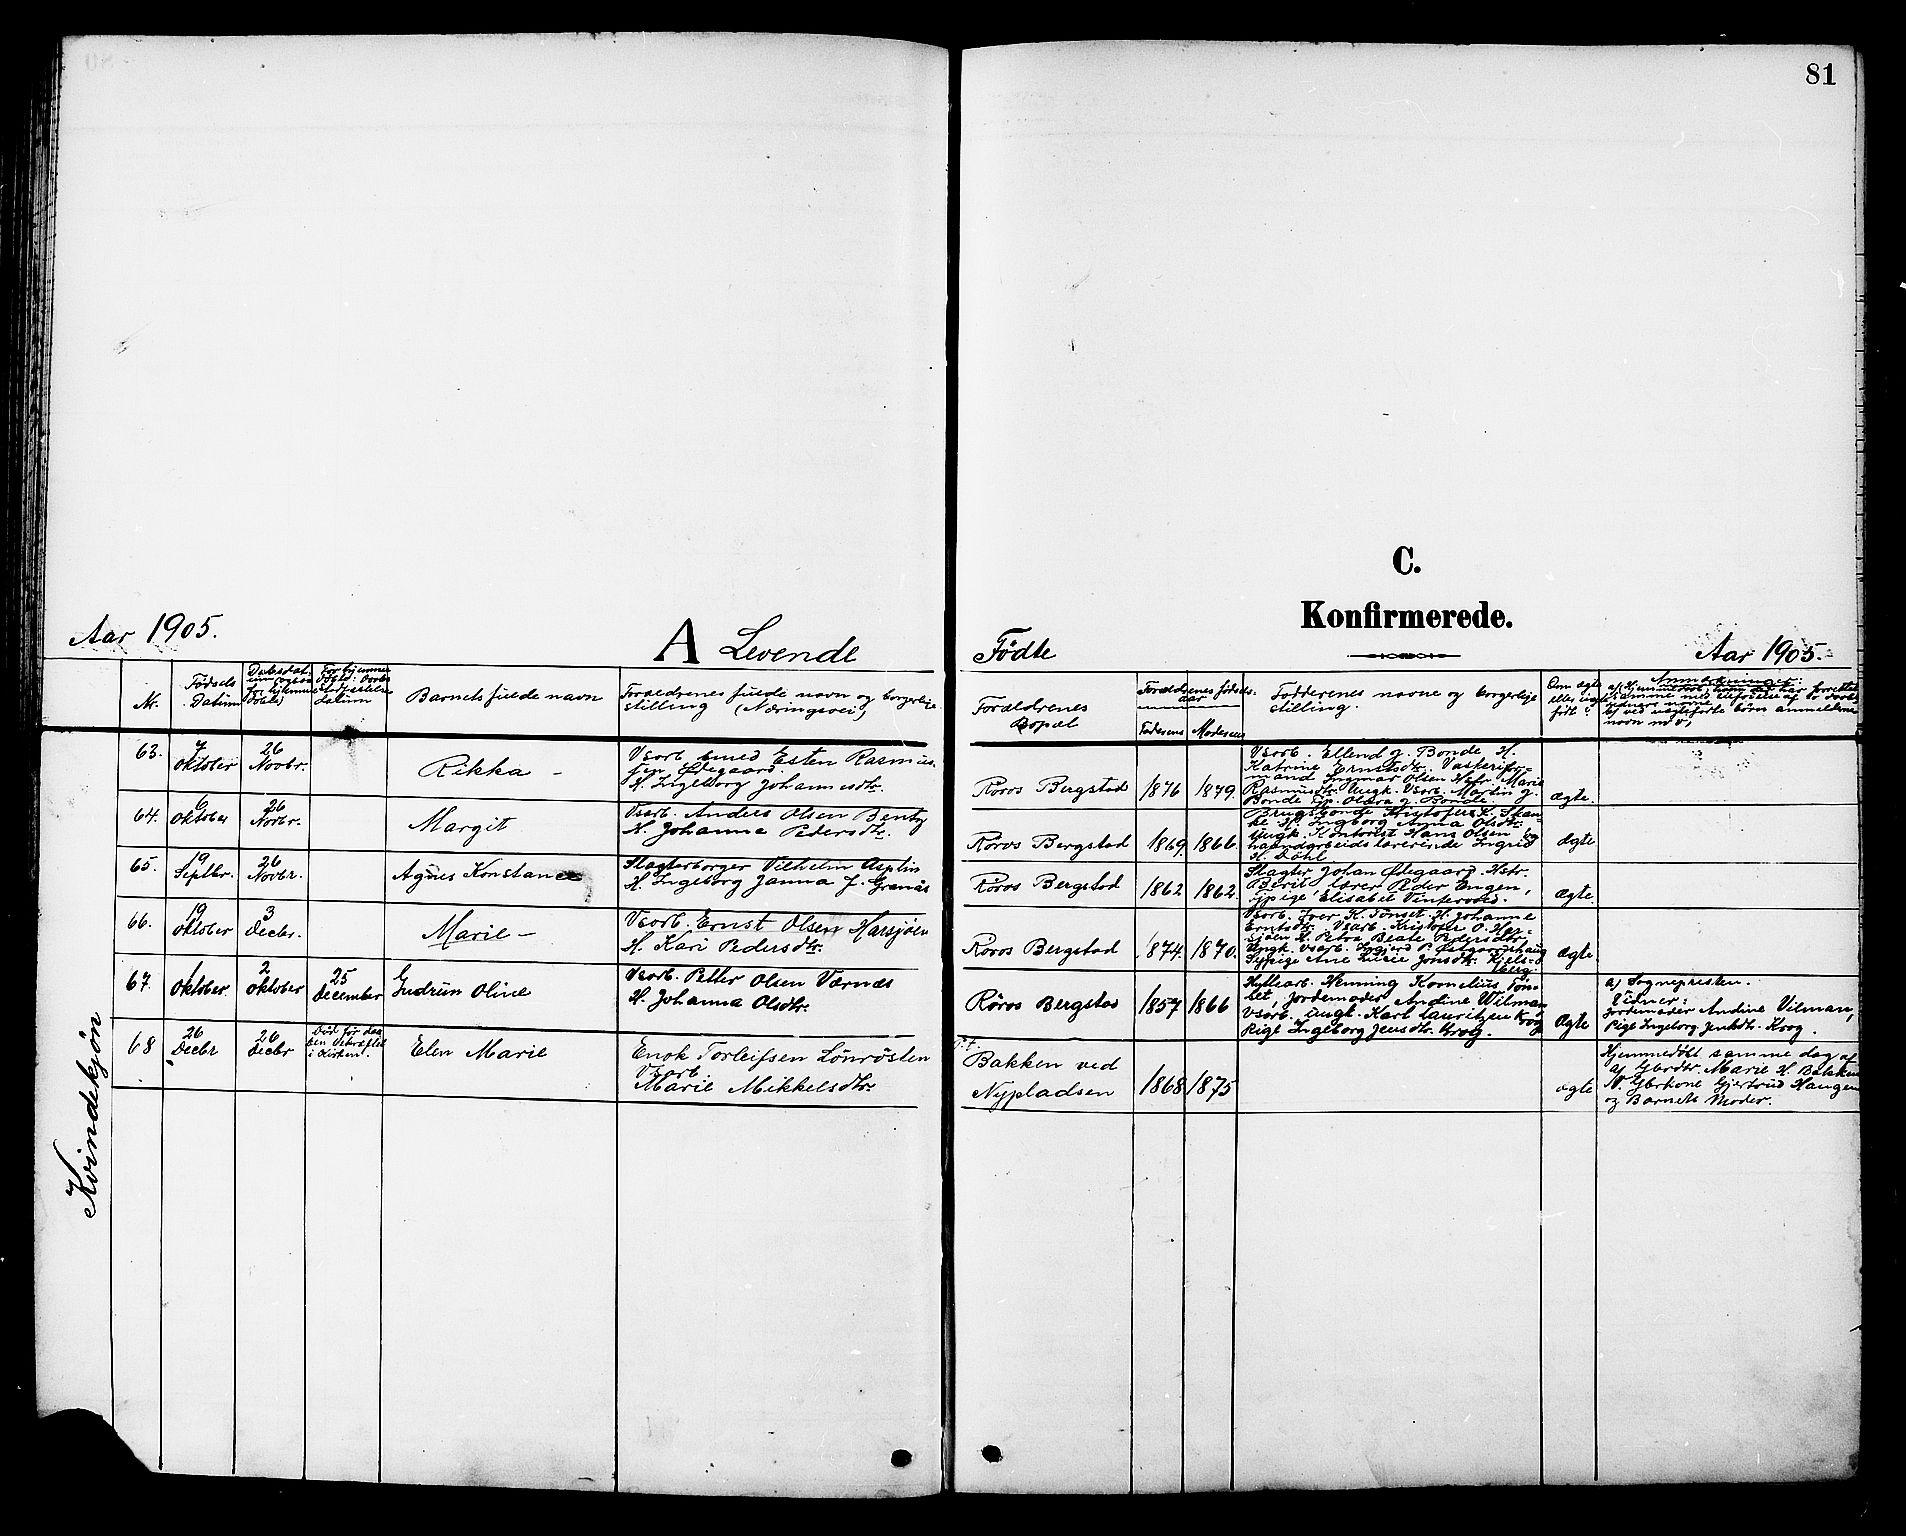 SAT, Ministerialprotokoller, klokkerbøker og fødselsregistre - Sør-Trøndelag, 681/L0941: Klokkerbok nr. 681C05, 1896-1905, s. 81